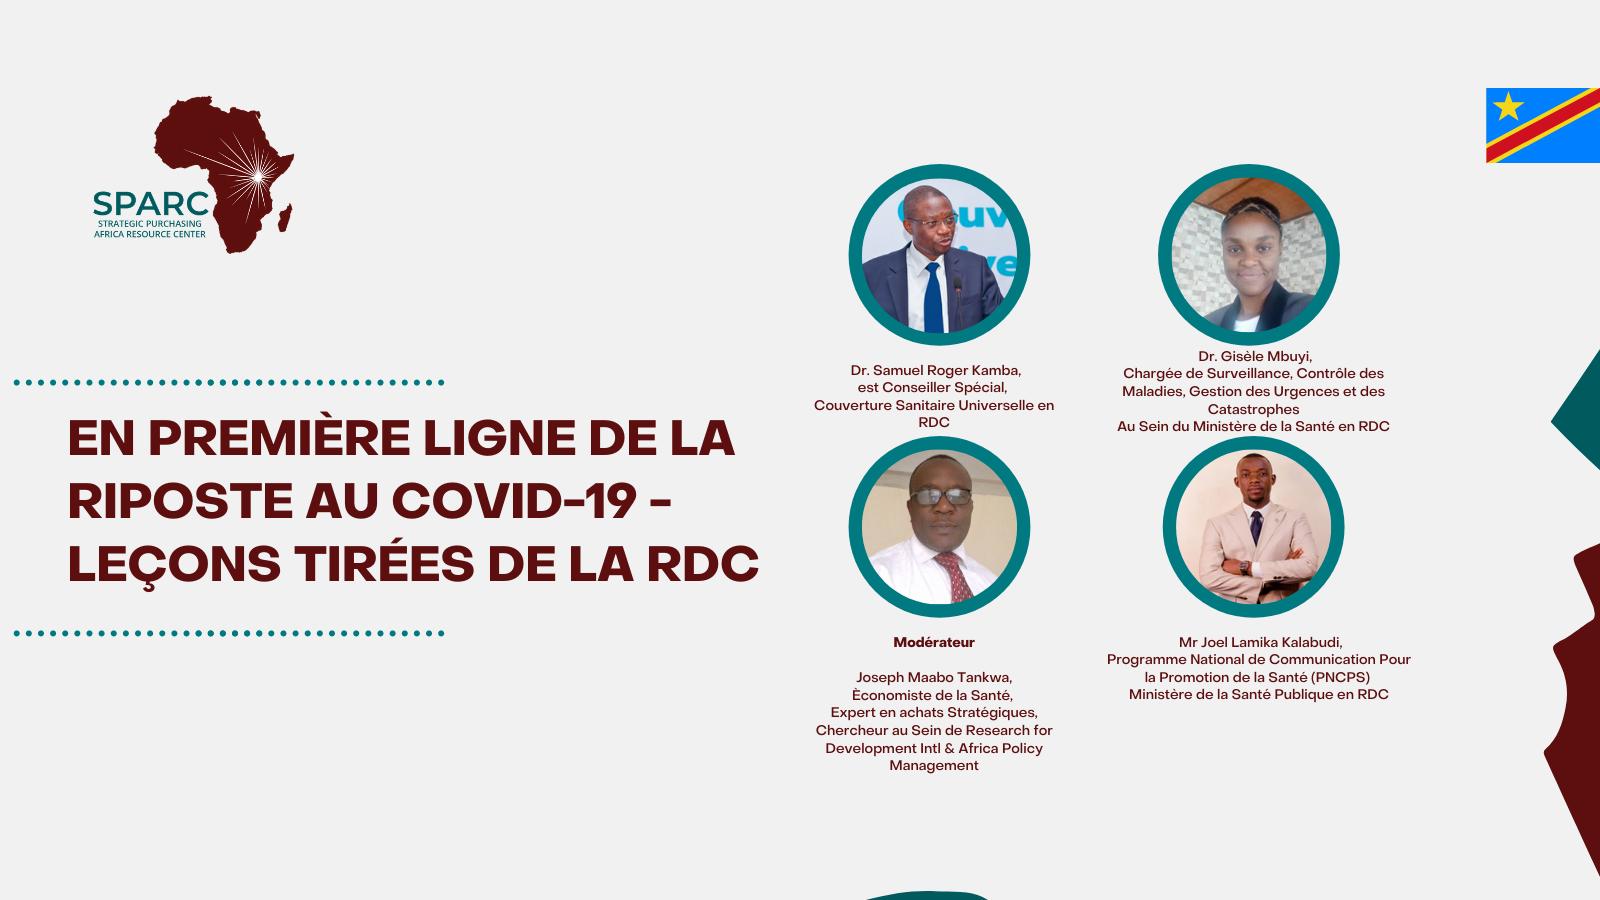 En première ligne de la riposte au COVID-19 – Leçons tirées de la RDC